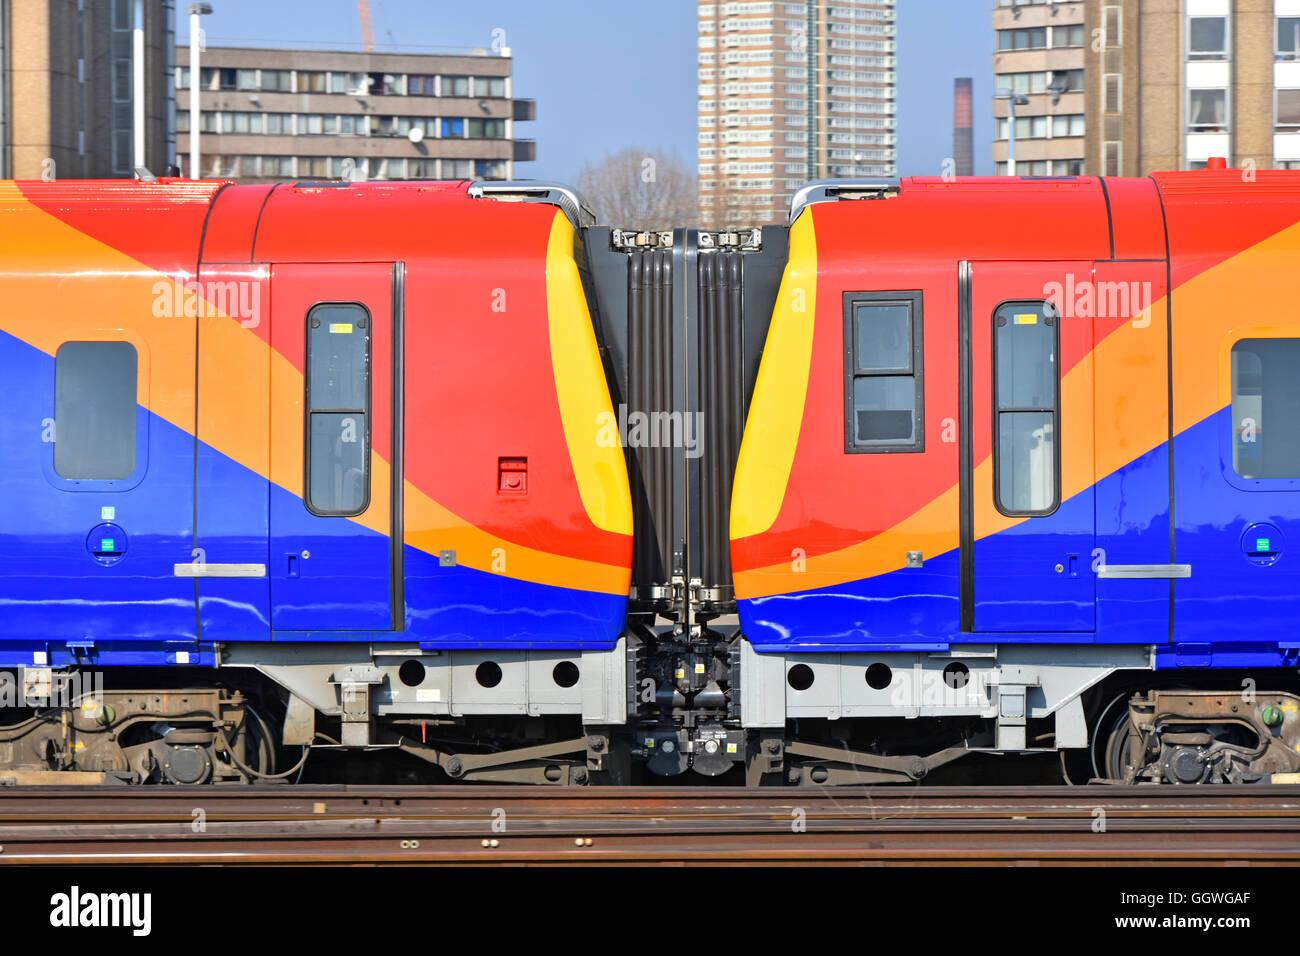 South West Trains Voitures corridor flexible connexion comme motif de formes colorées photo et image concept Photo Stock